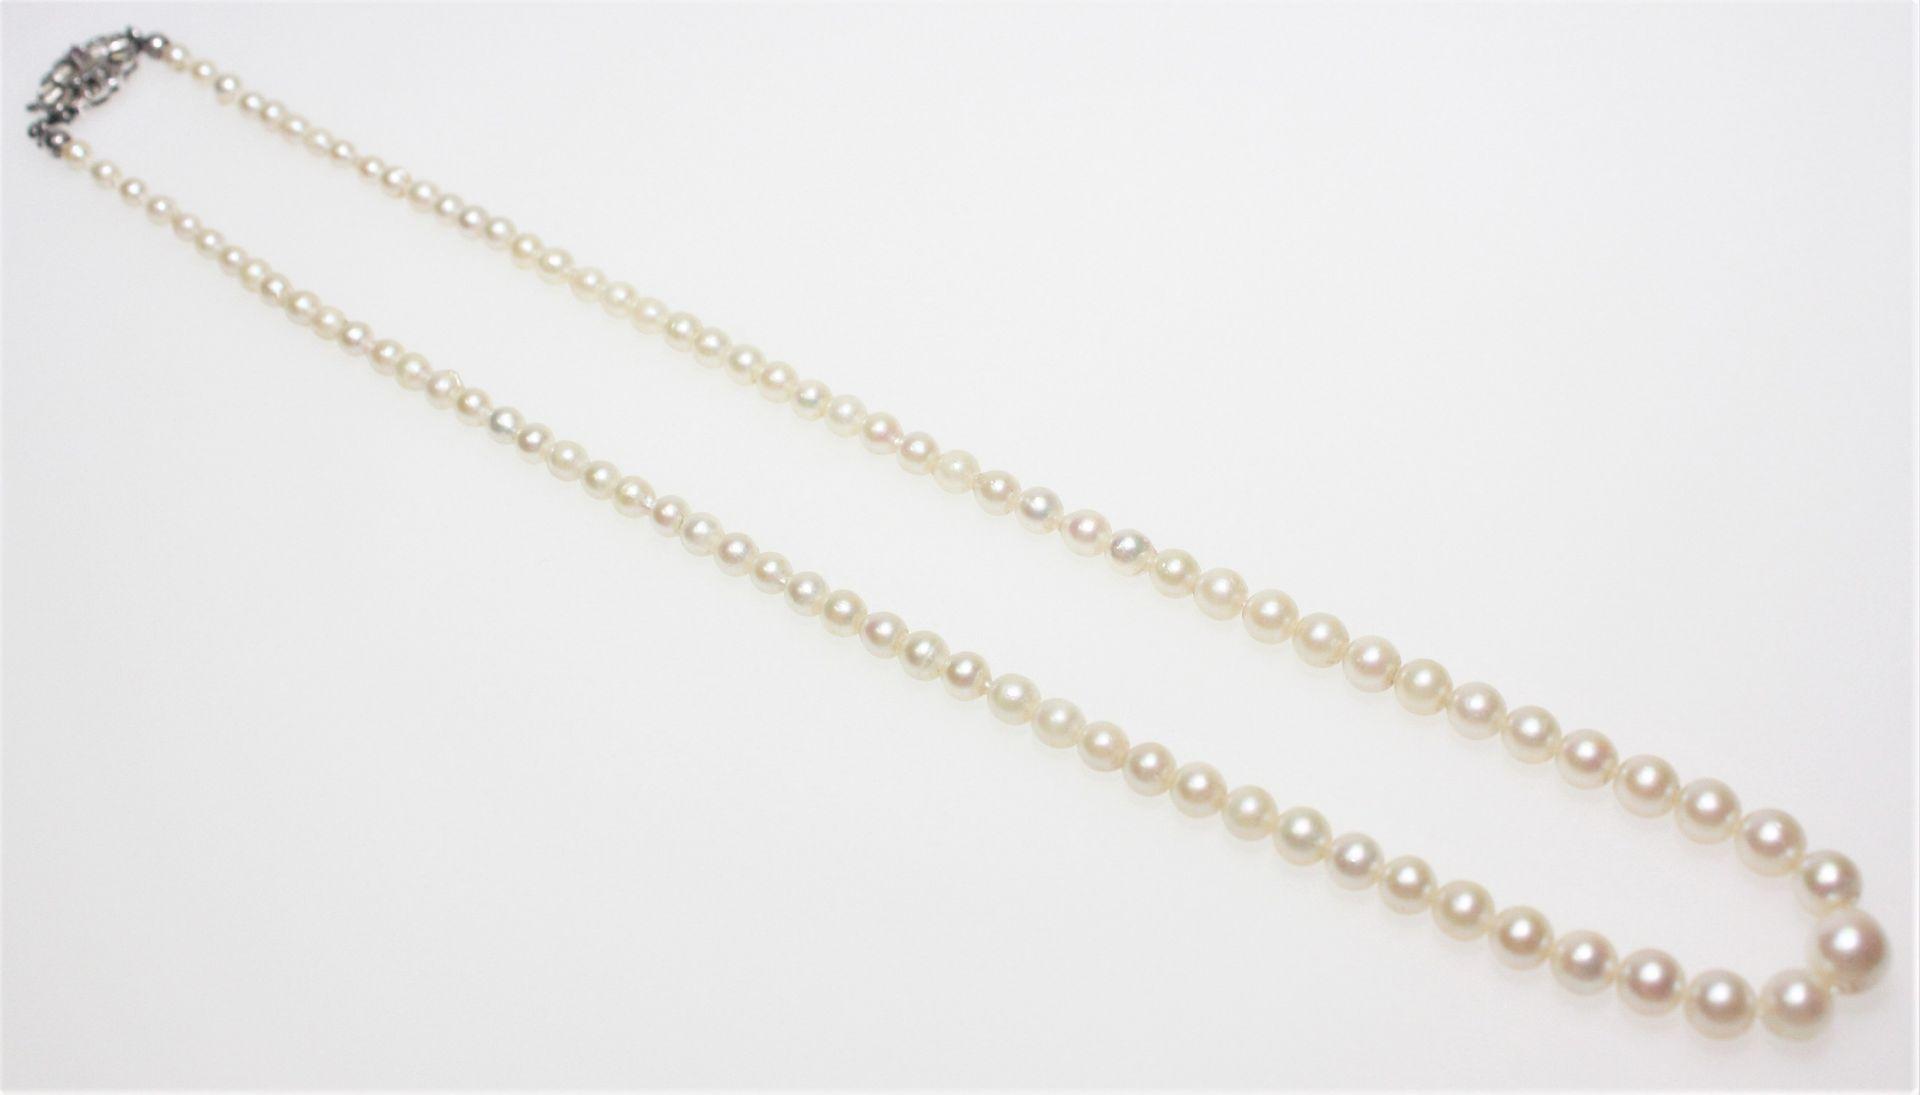 Perlenkette im Verlauf ca. 7,2 auf 3,5 mm, Perlen leicht barock, einige Perlen möglicherweise